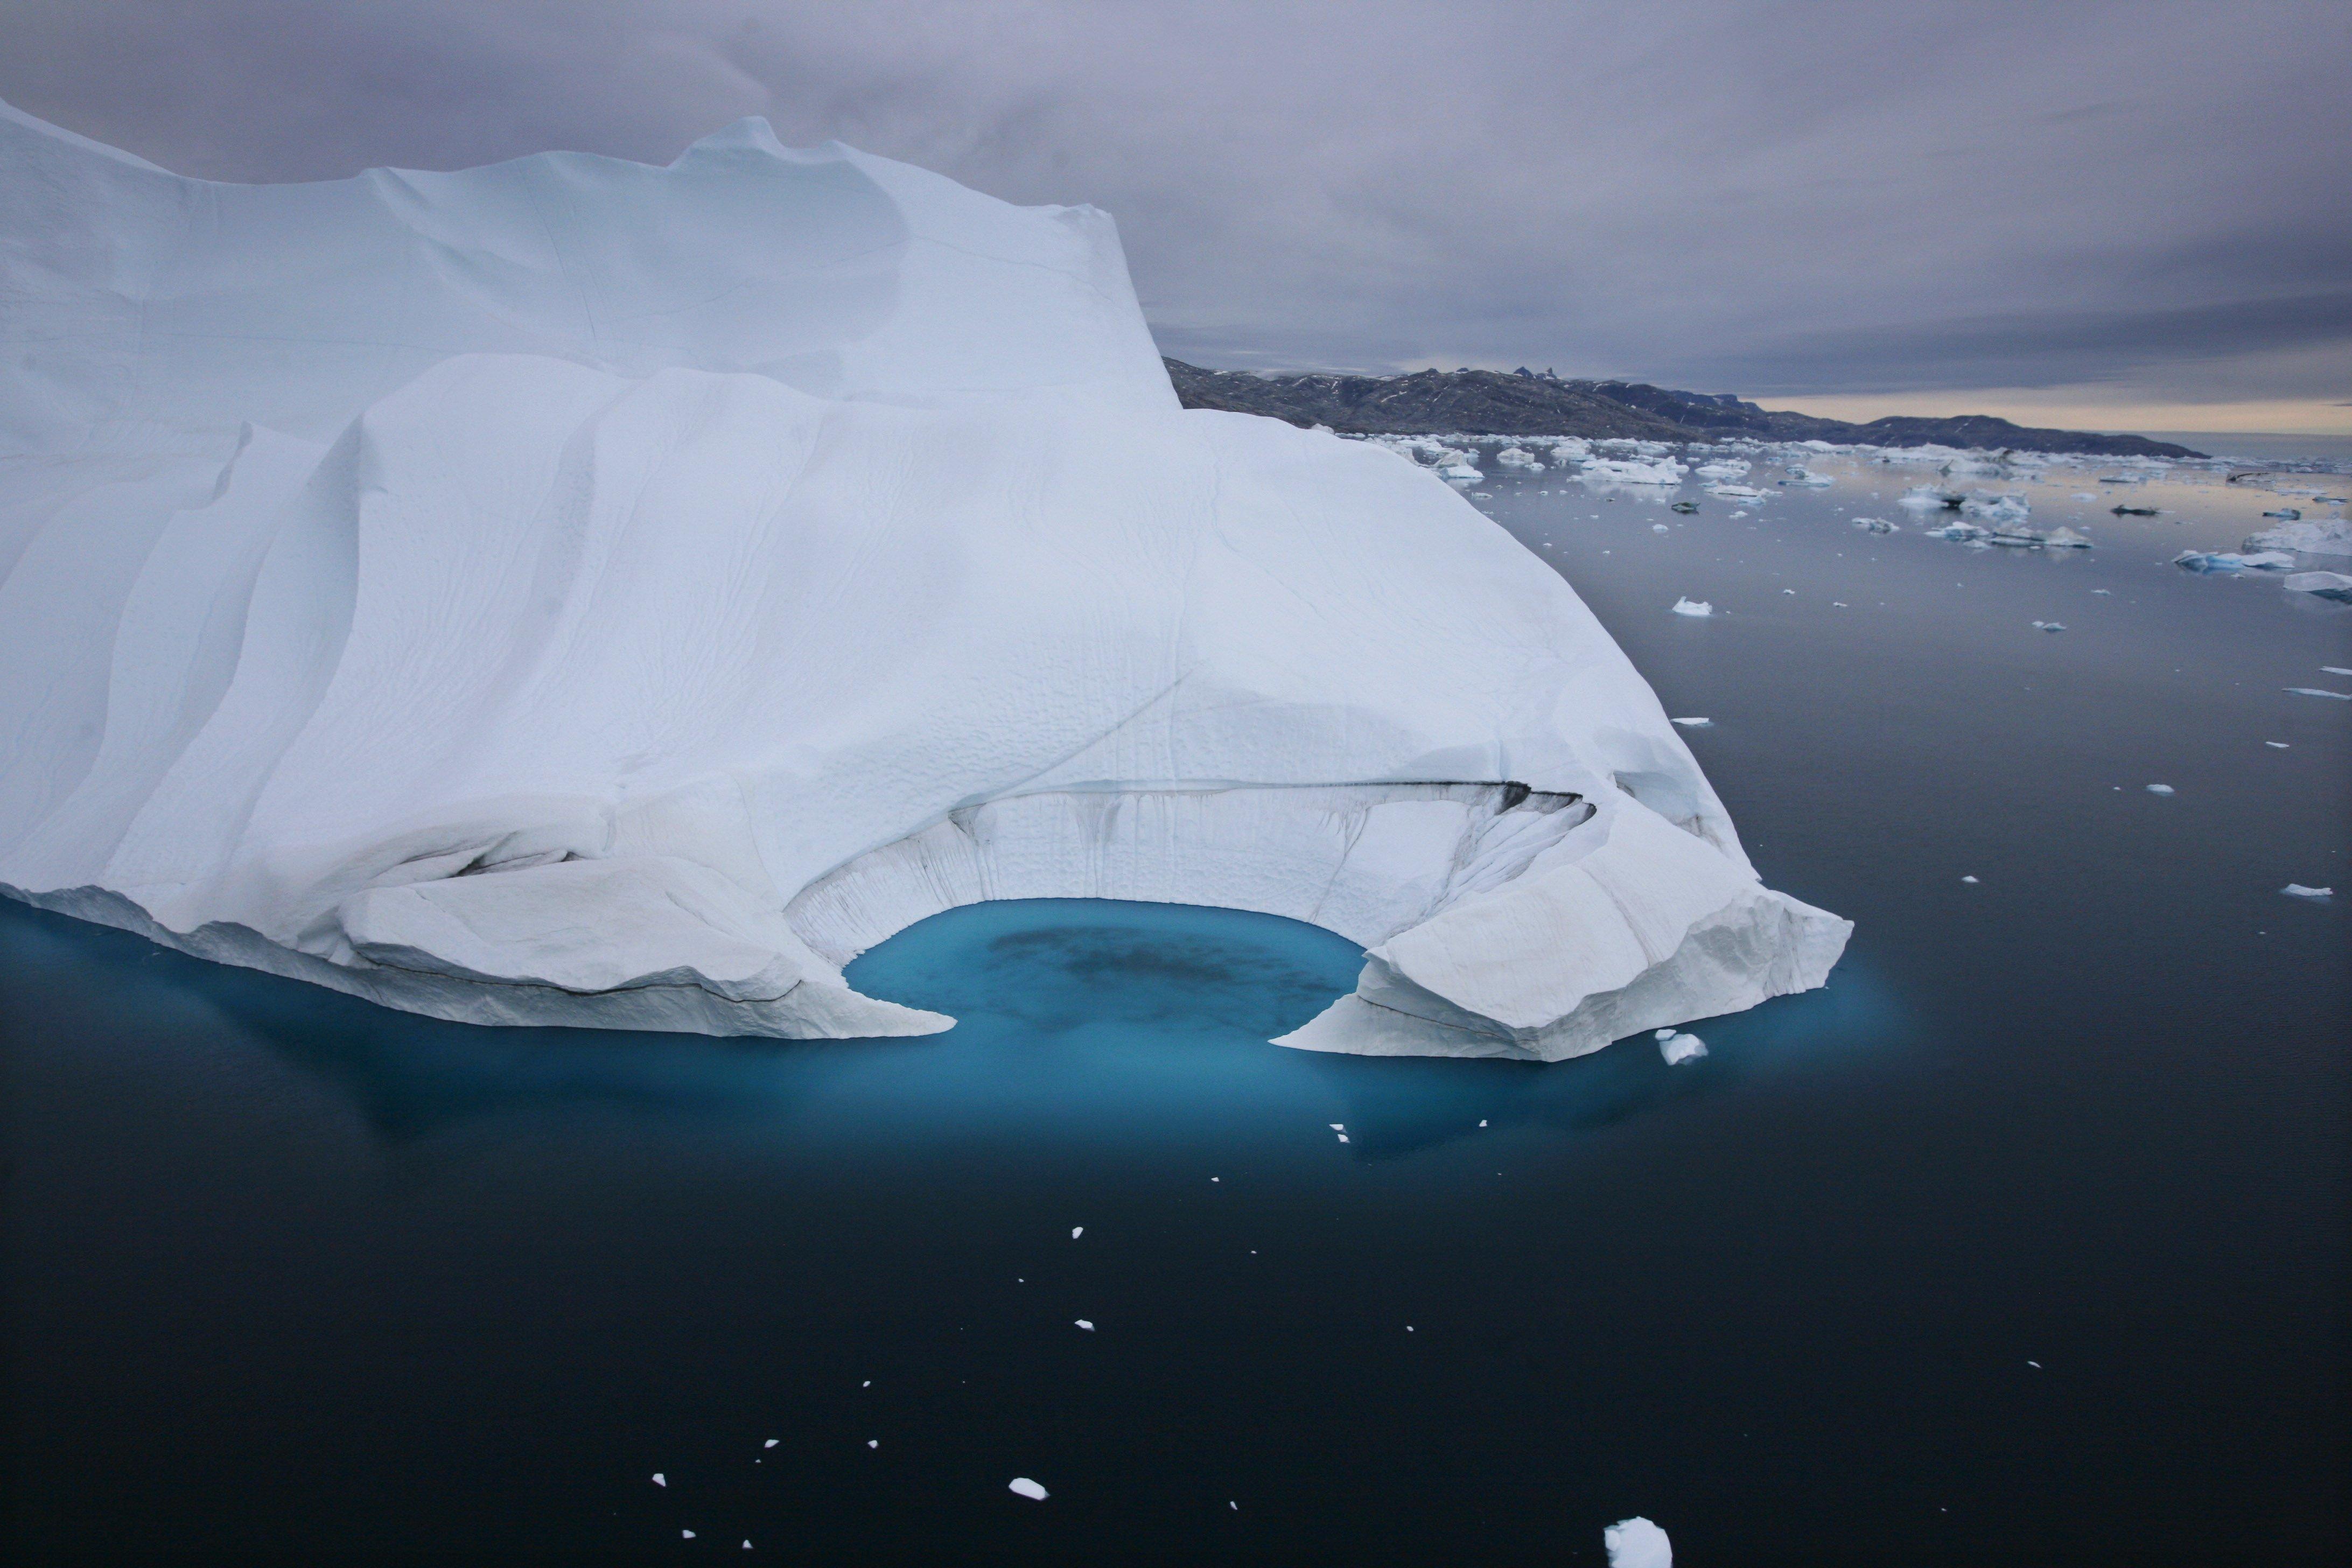 Photo: Melting iceberg (AP Photo)